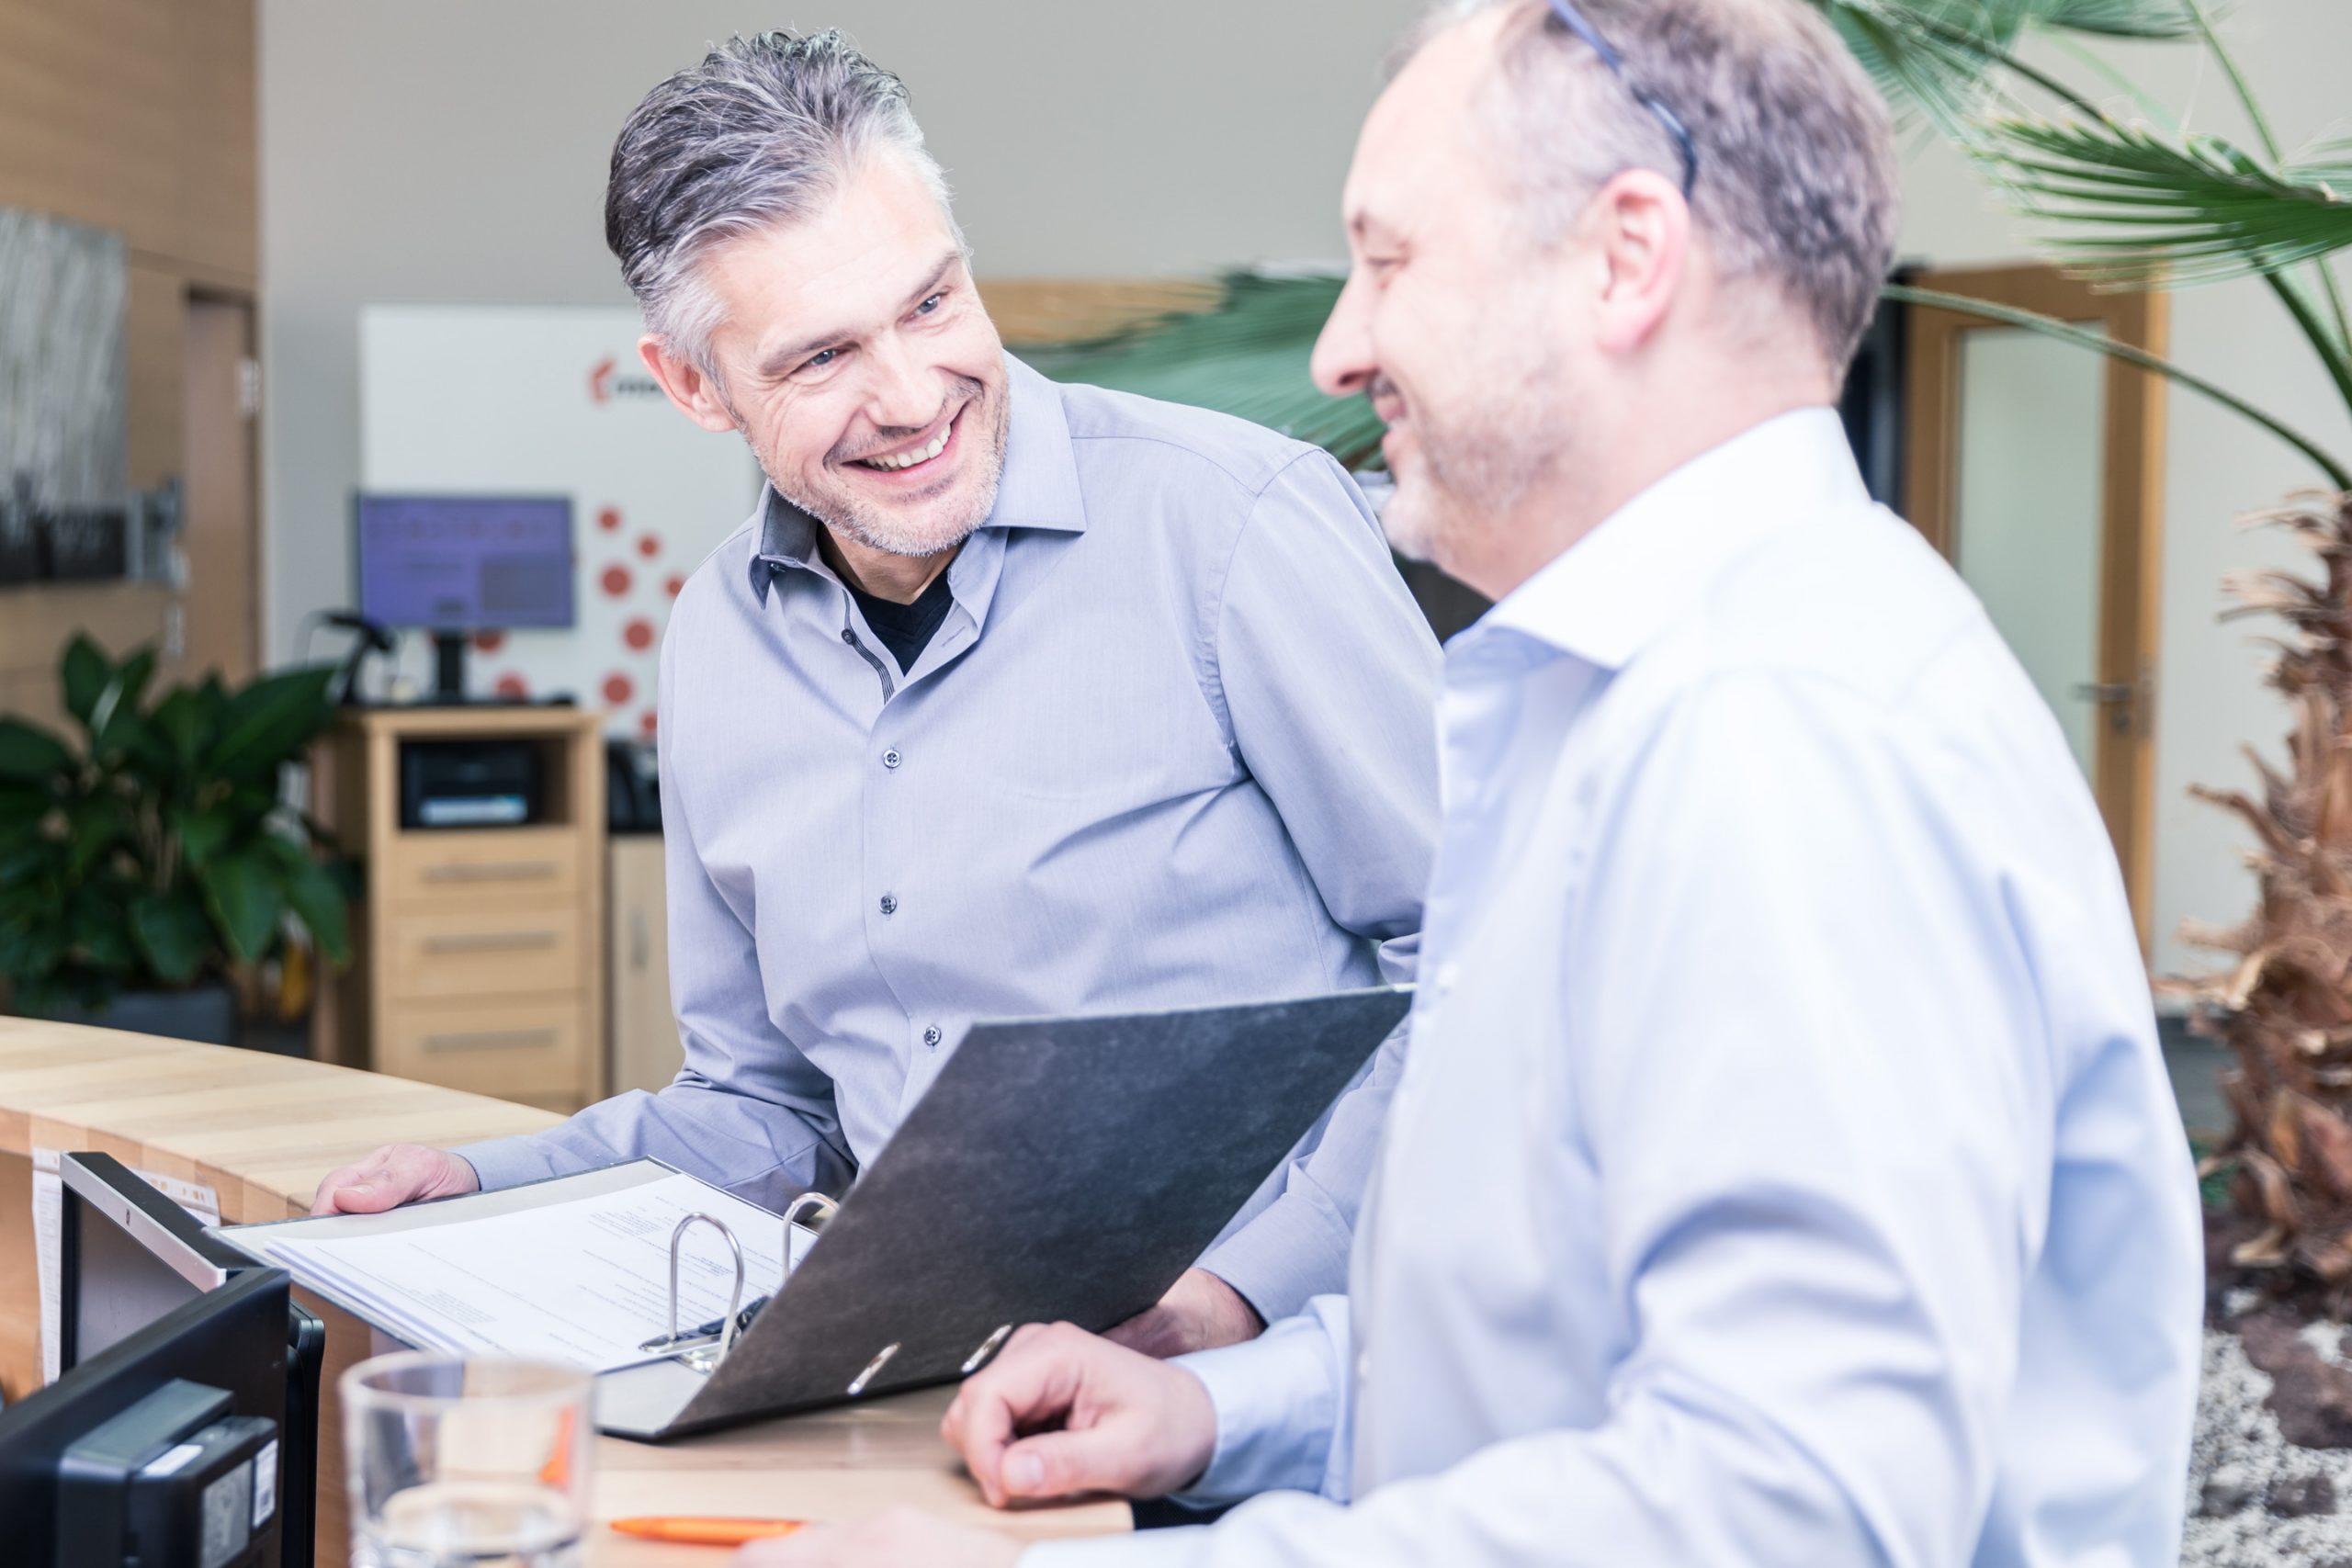 Kollegen männlich im Gespräche mit Ordner Grinsen Business Portrait